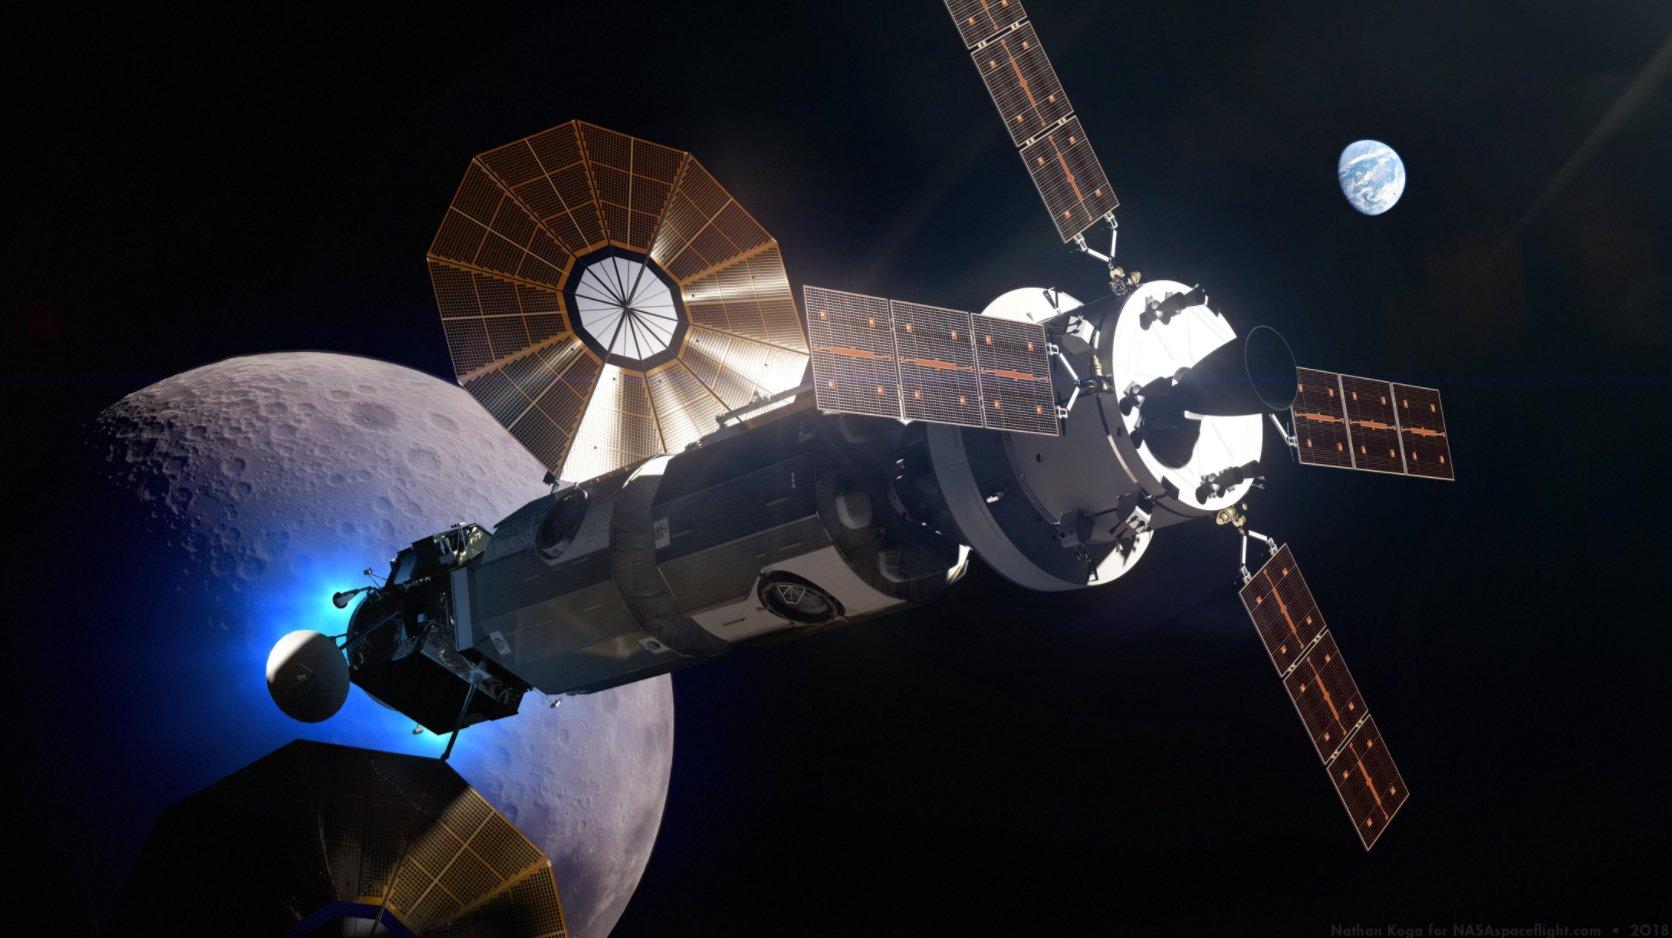 Бывший администратор NASA: «Лунный шлюз — глупая архитектура»